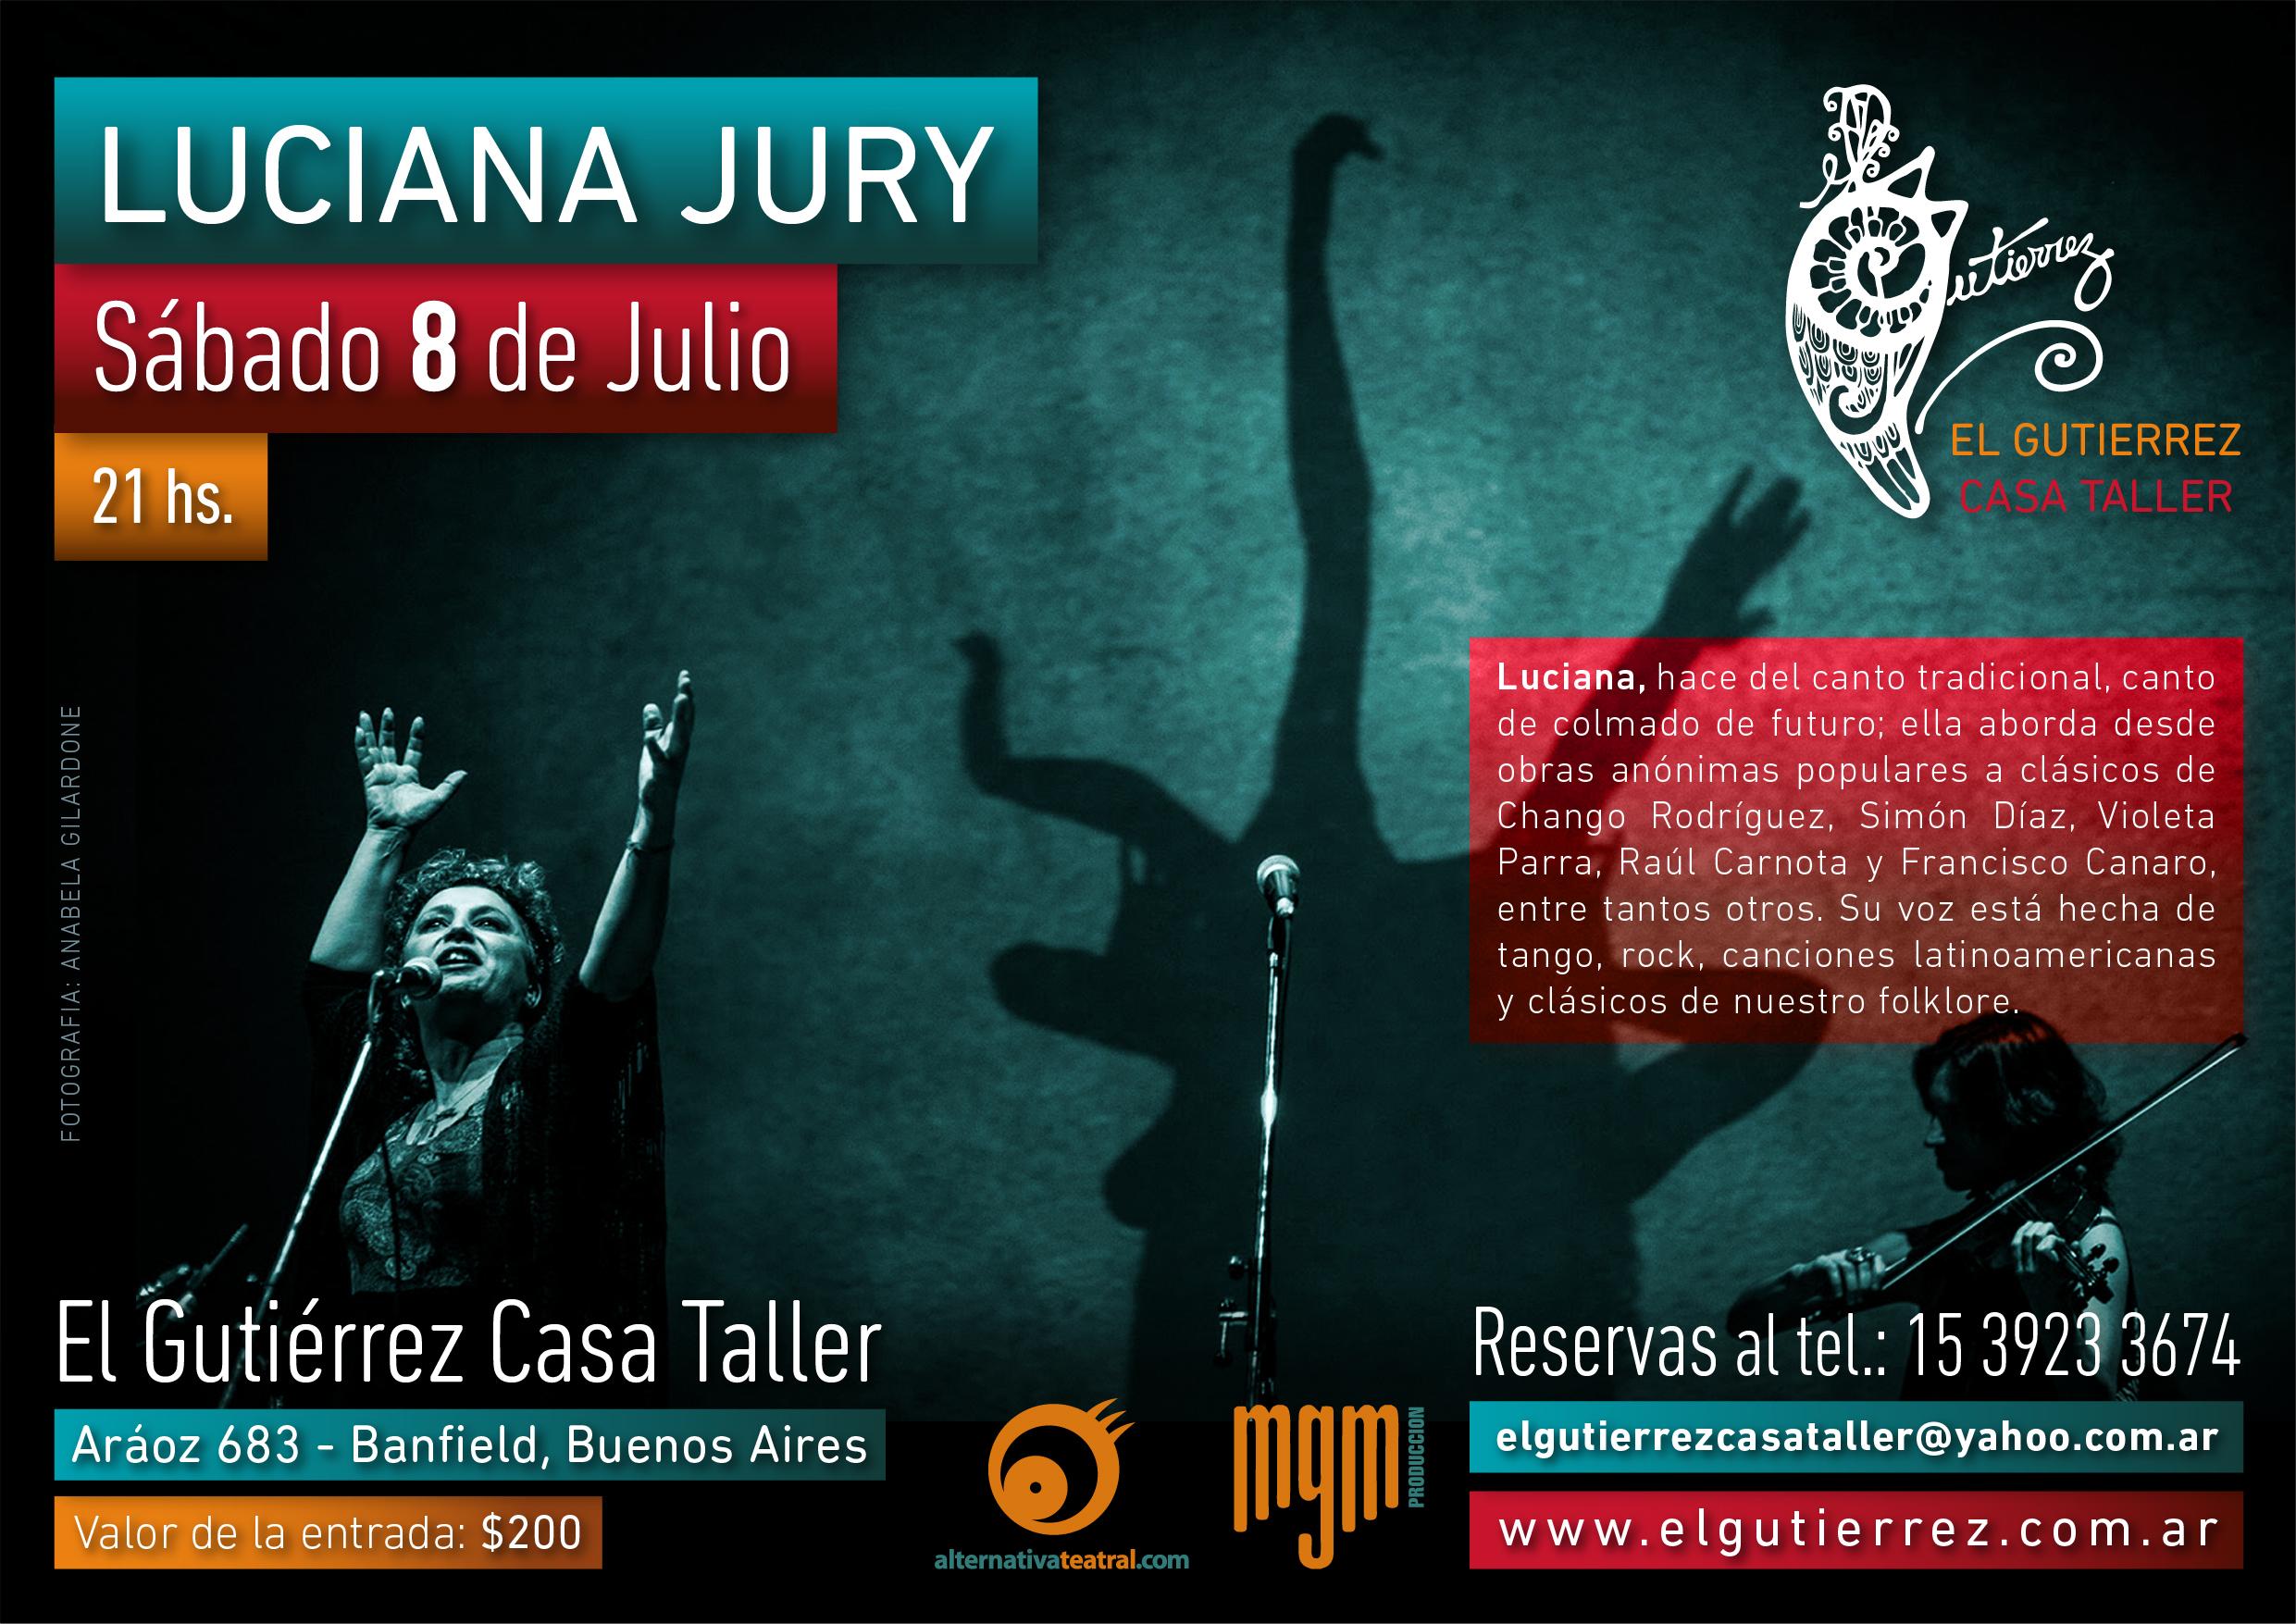 Luciana Jury